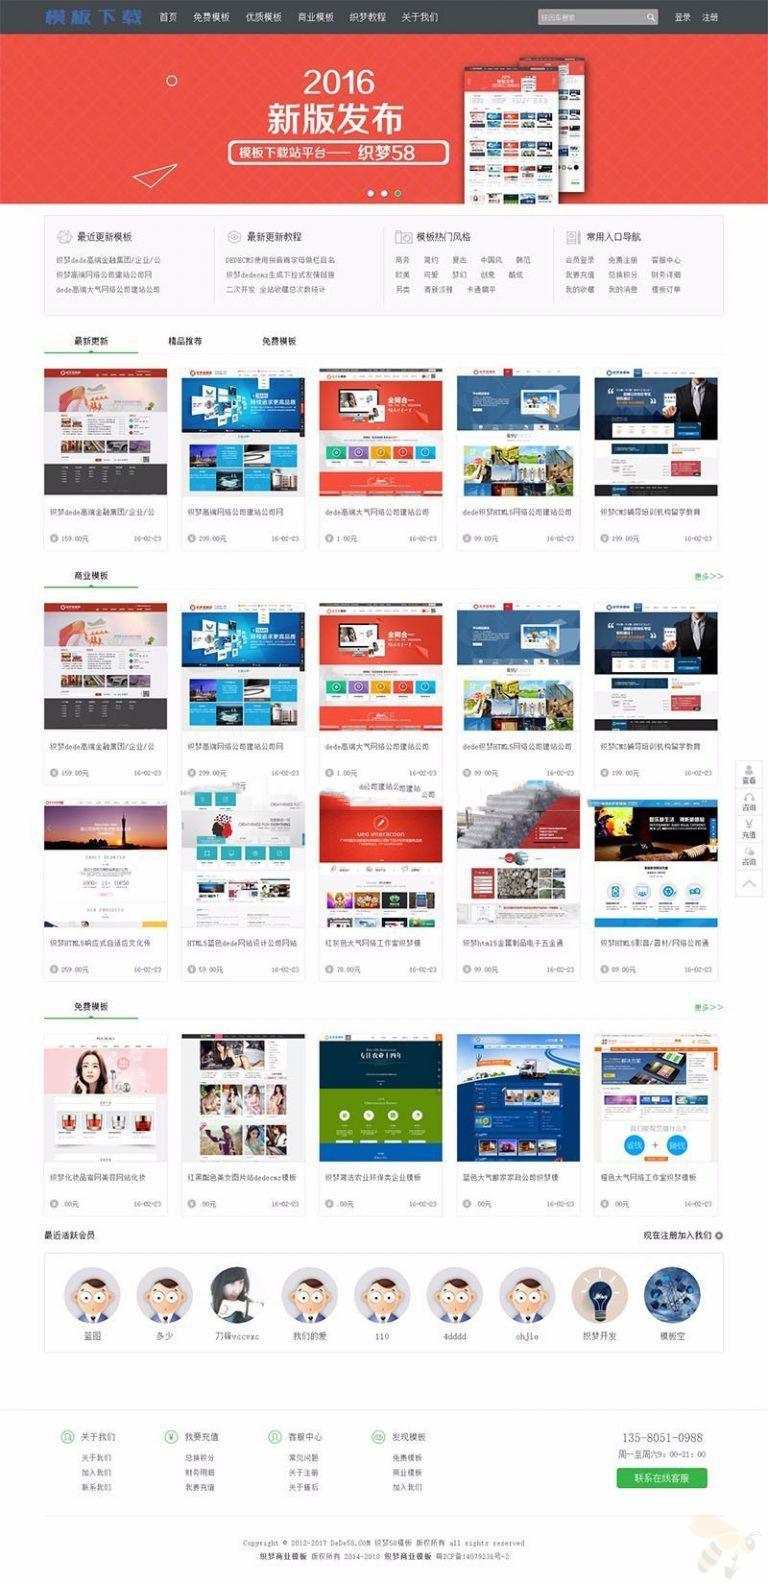 织梦模板dede源码网站下载平台带会员中心